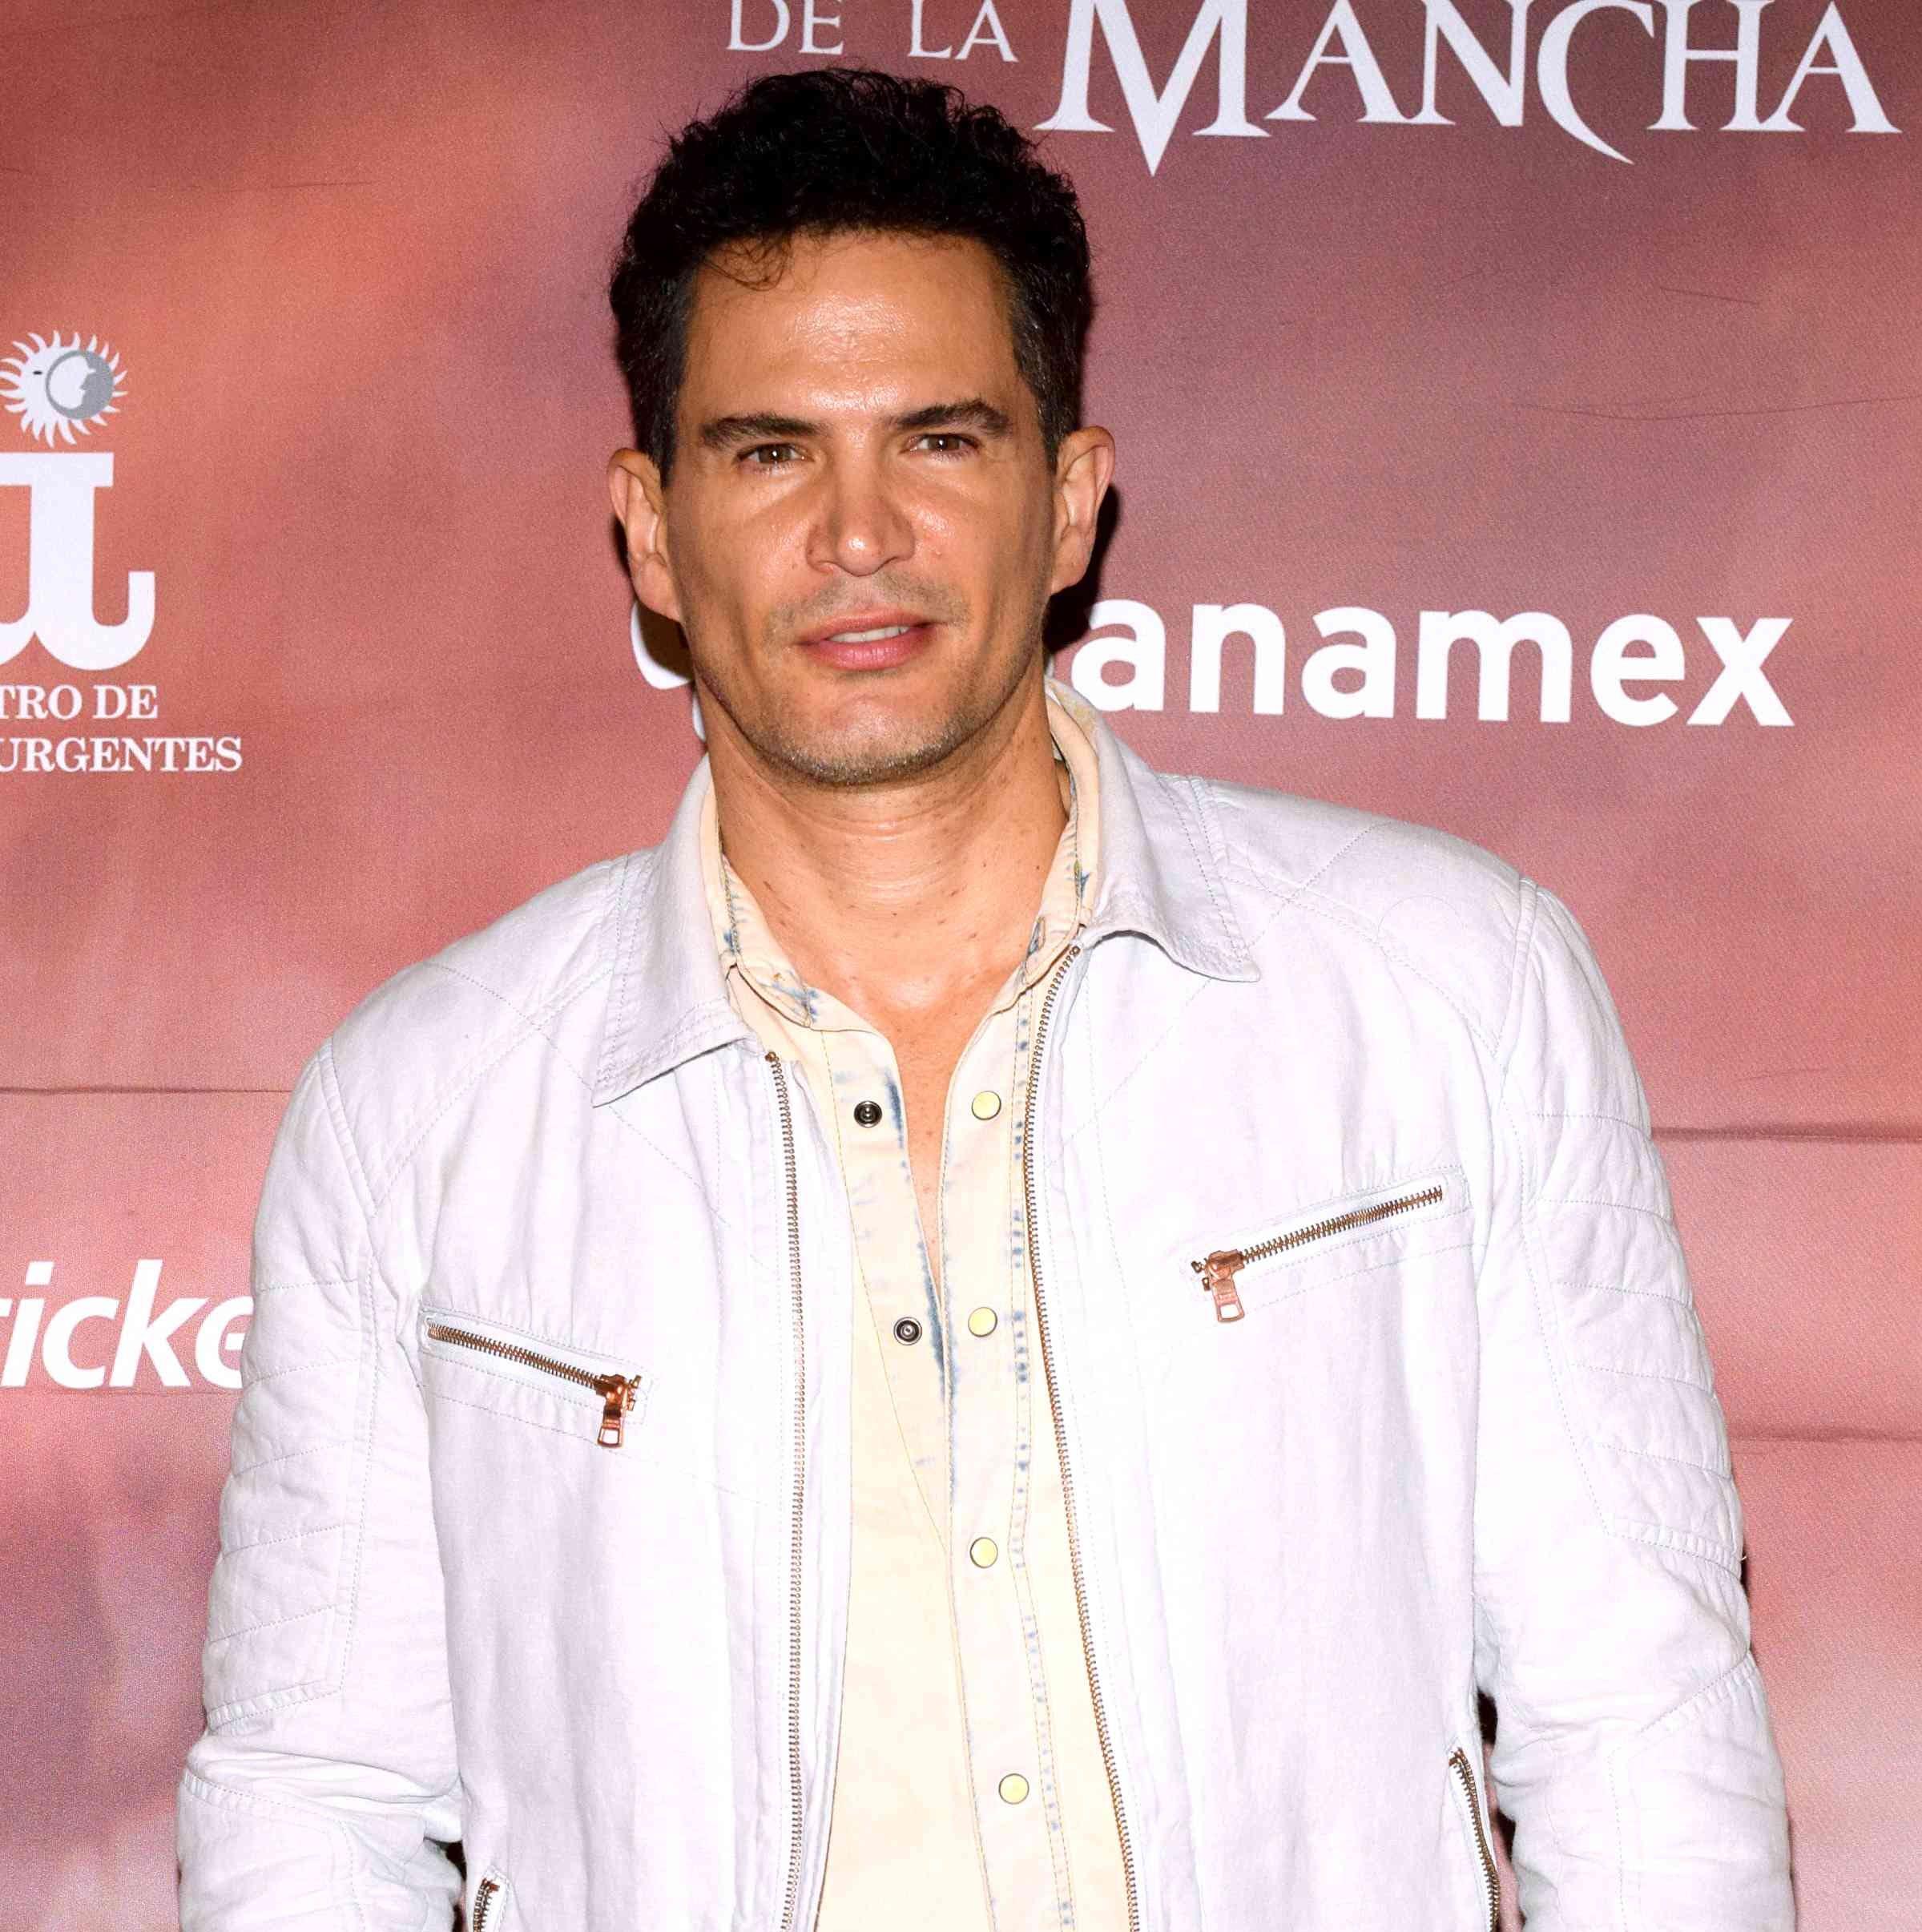 Julio Camejo sufrió de acoso sexual por parte de un director de teatro